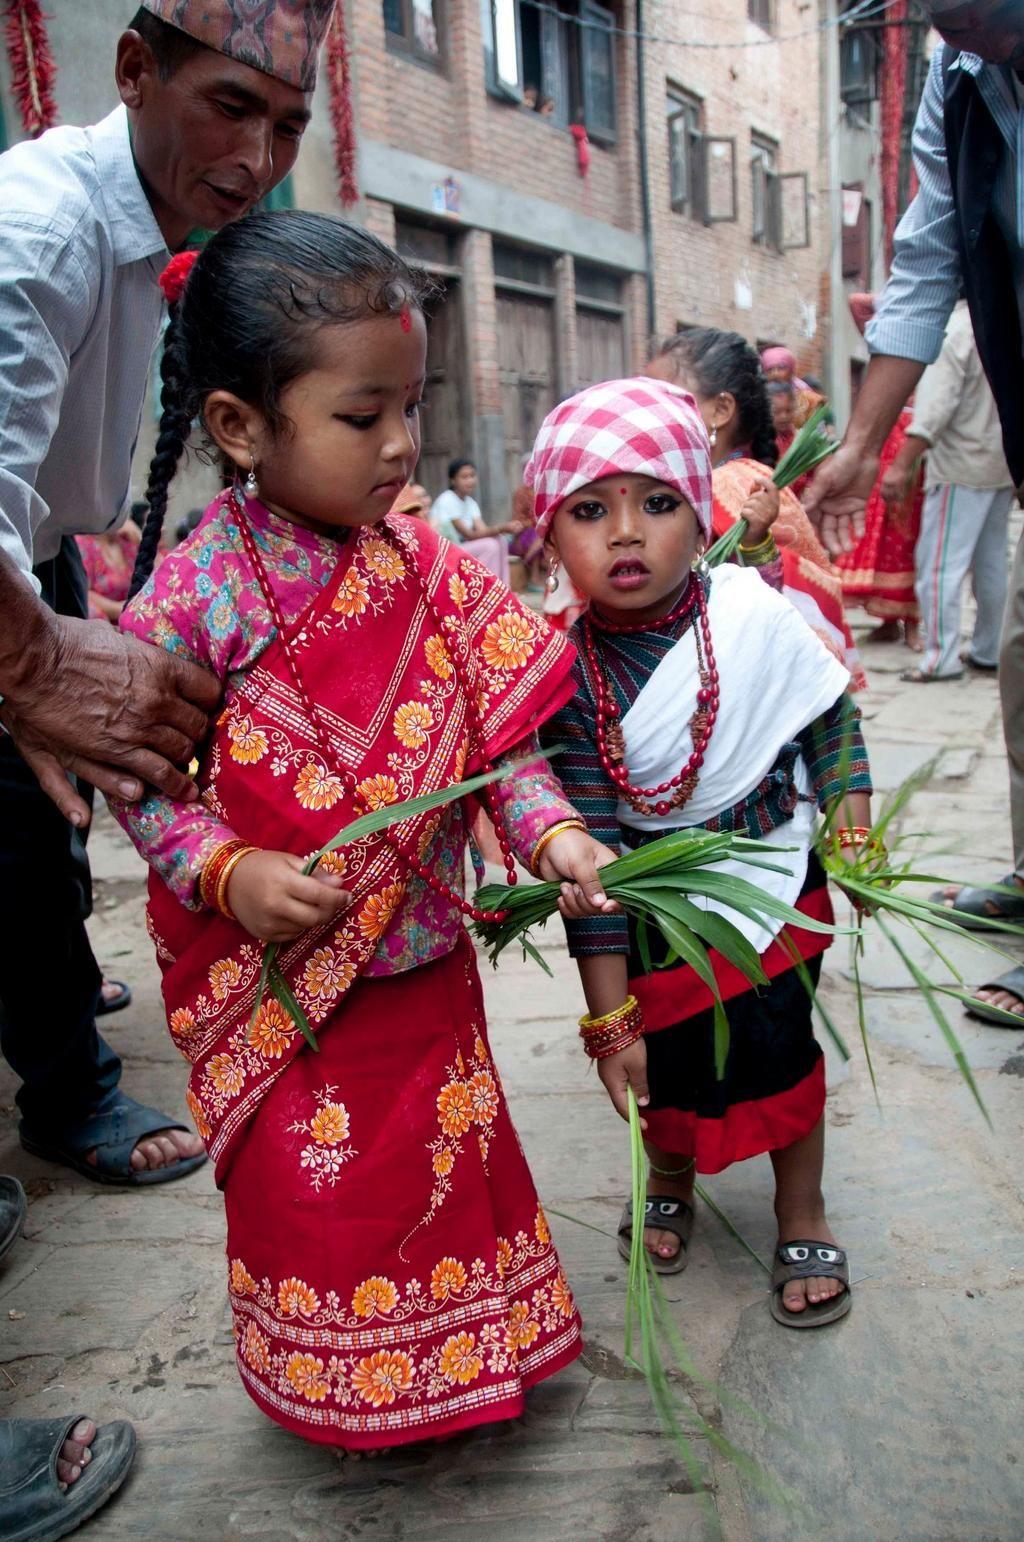 #Festival #RopaiJatra Ceremonia de plantación del arroz en Lalitpur #Nepal #fotografia de Pratap Thapa (@Xinhua9 via twitter) #infancia #children #Asia 2014